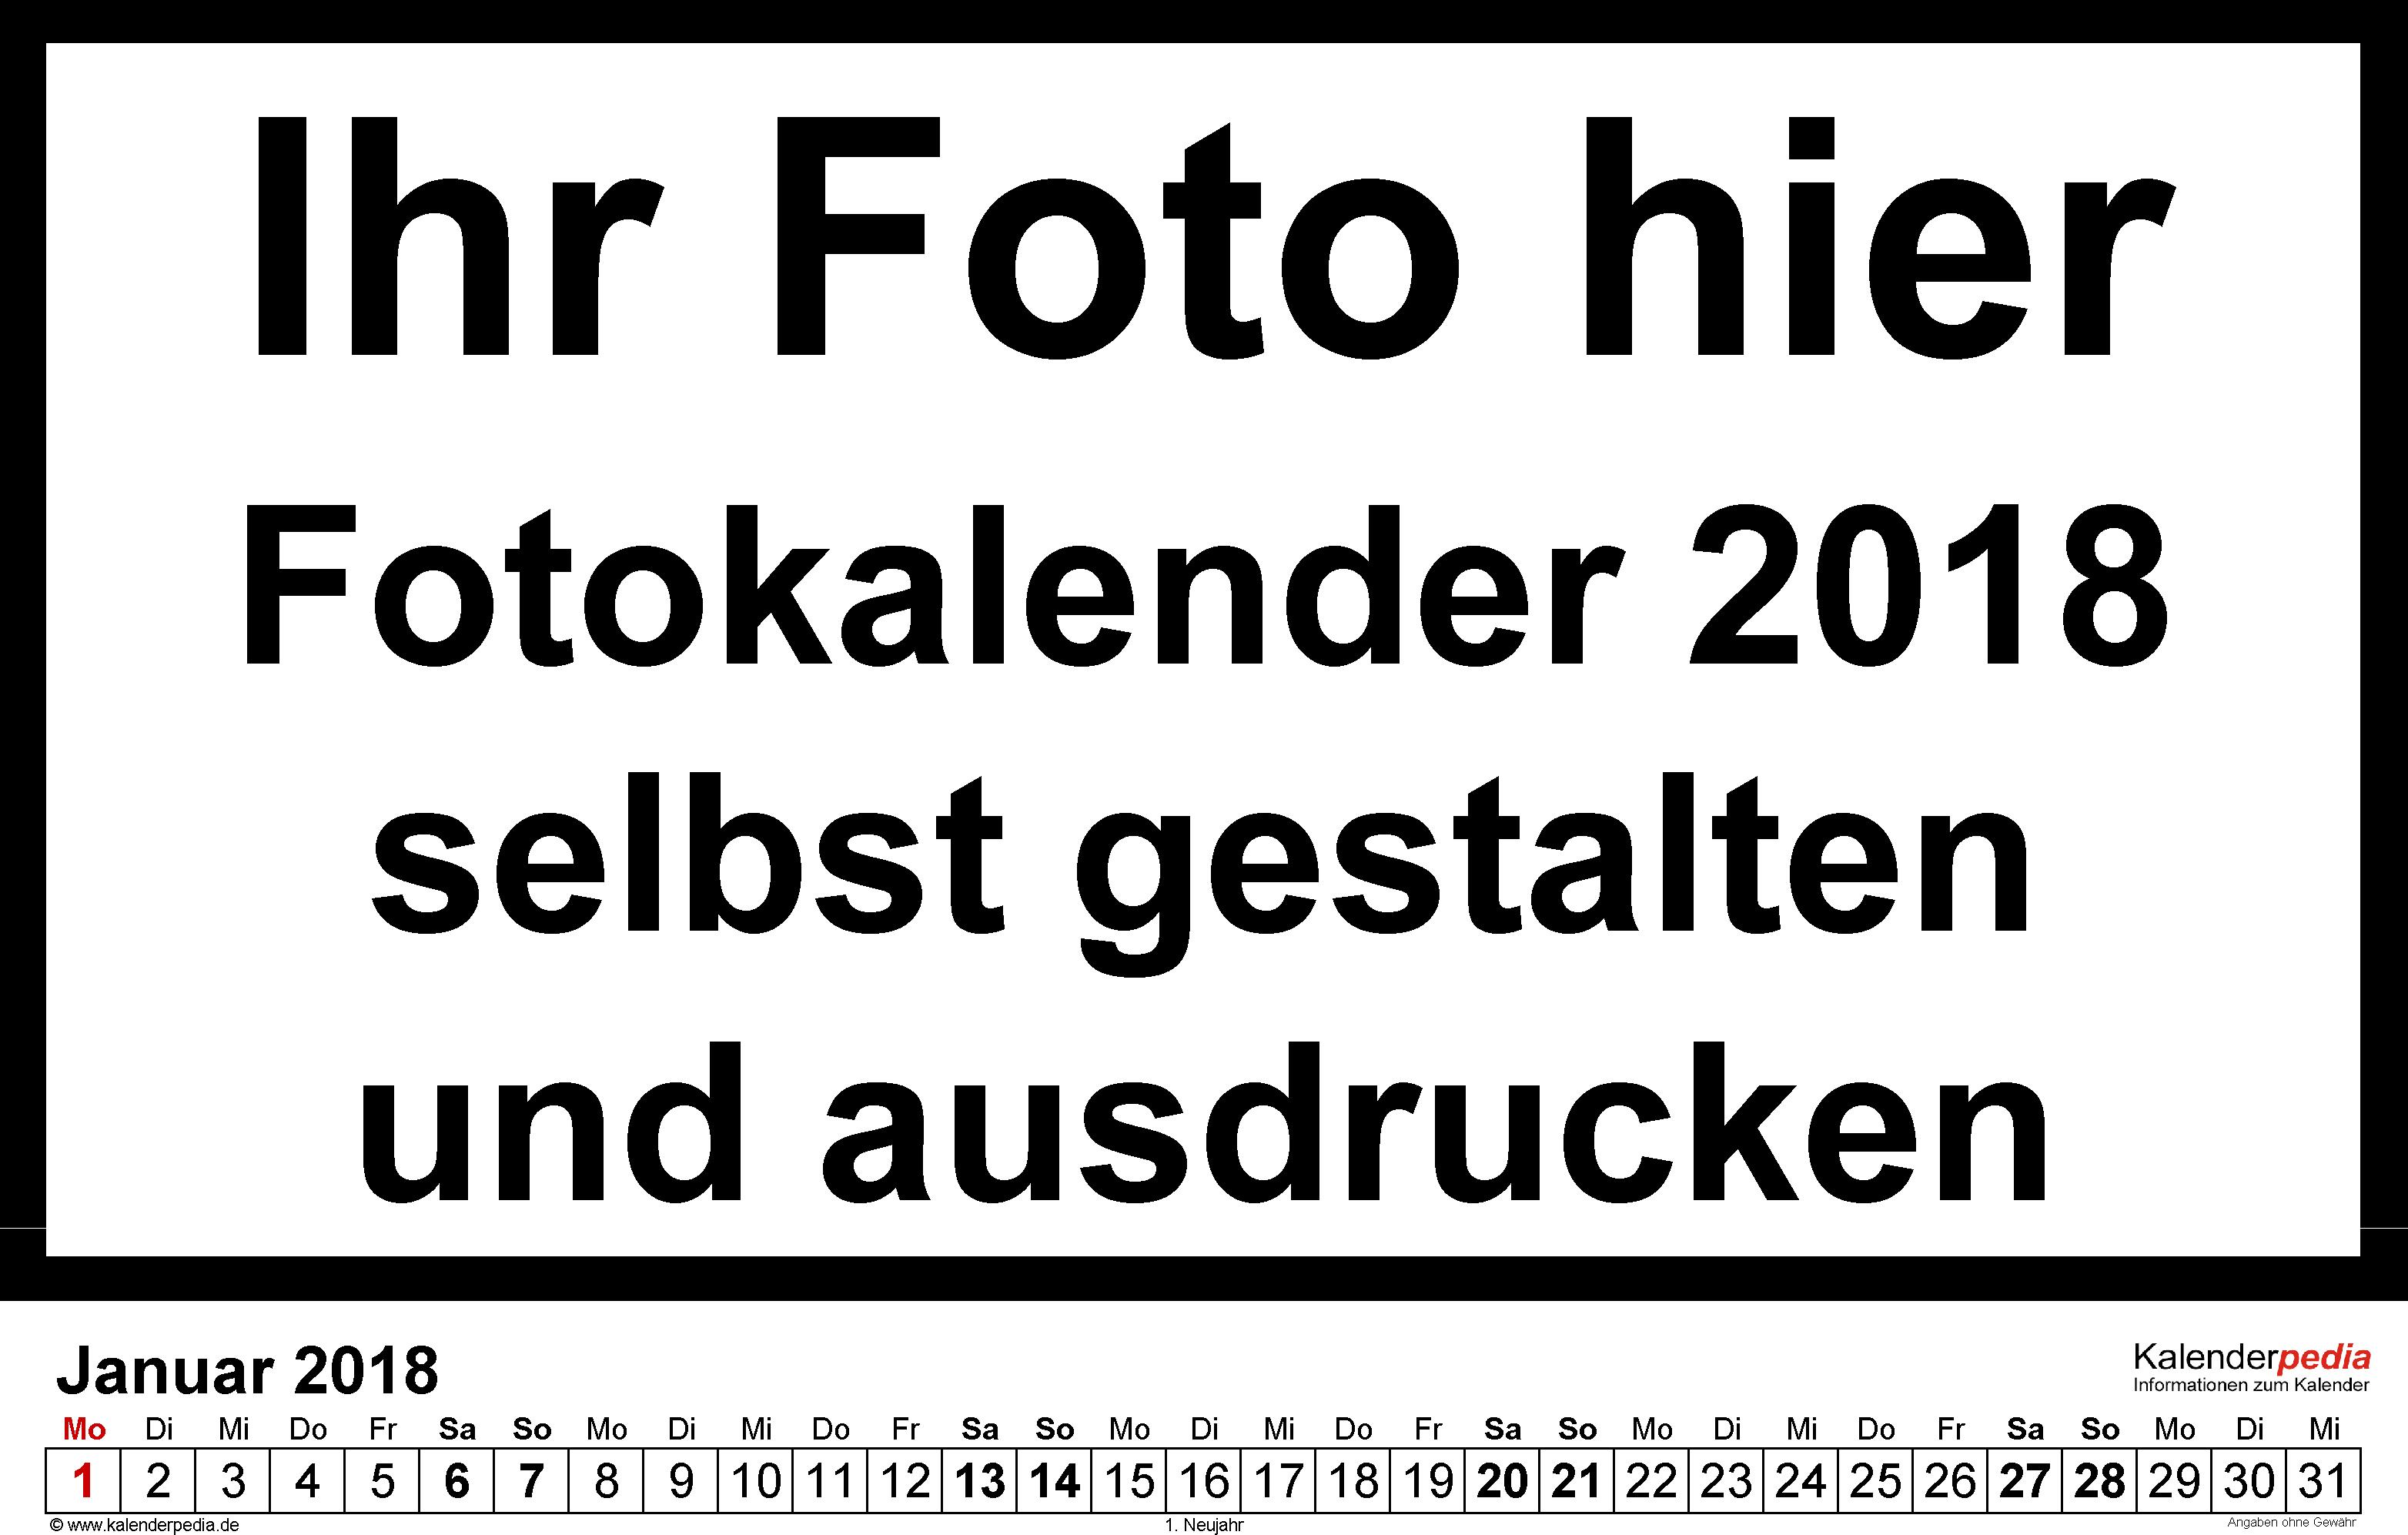 Vorlage 5: PDF-Vorlage für Fotokalender 2018 (Querformat)